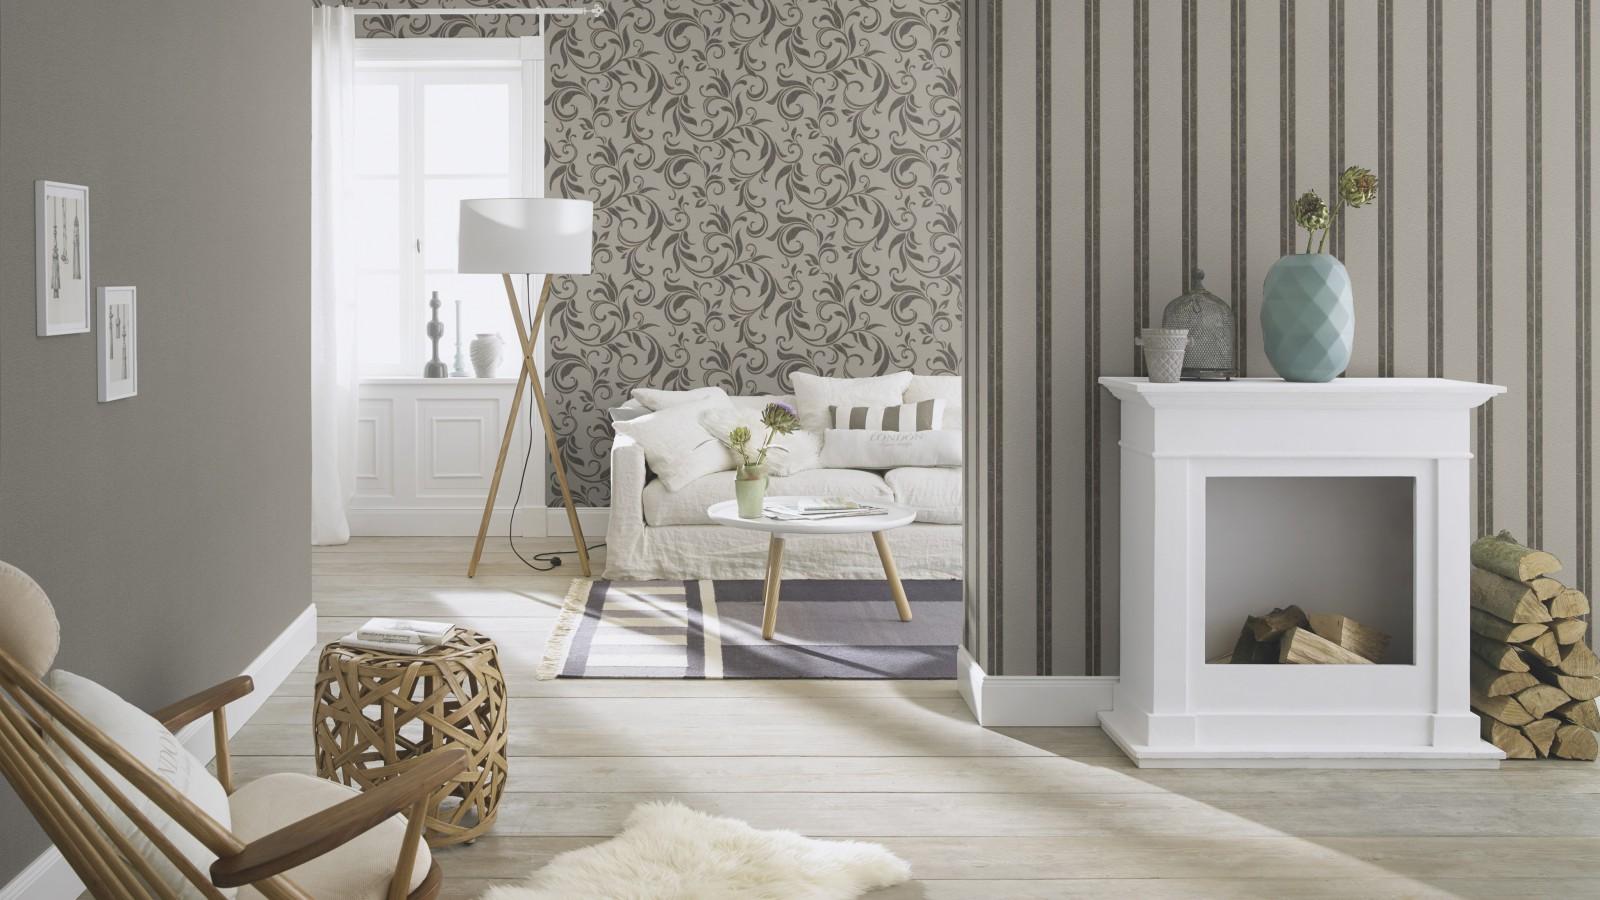 rasch tapete beige grau ranken home vision 732535. Black Bedroom Furniture Sets. Home Design Ideas